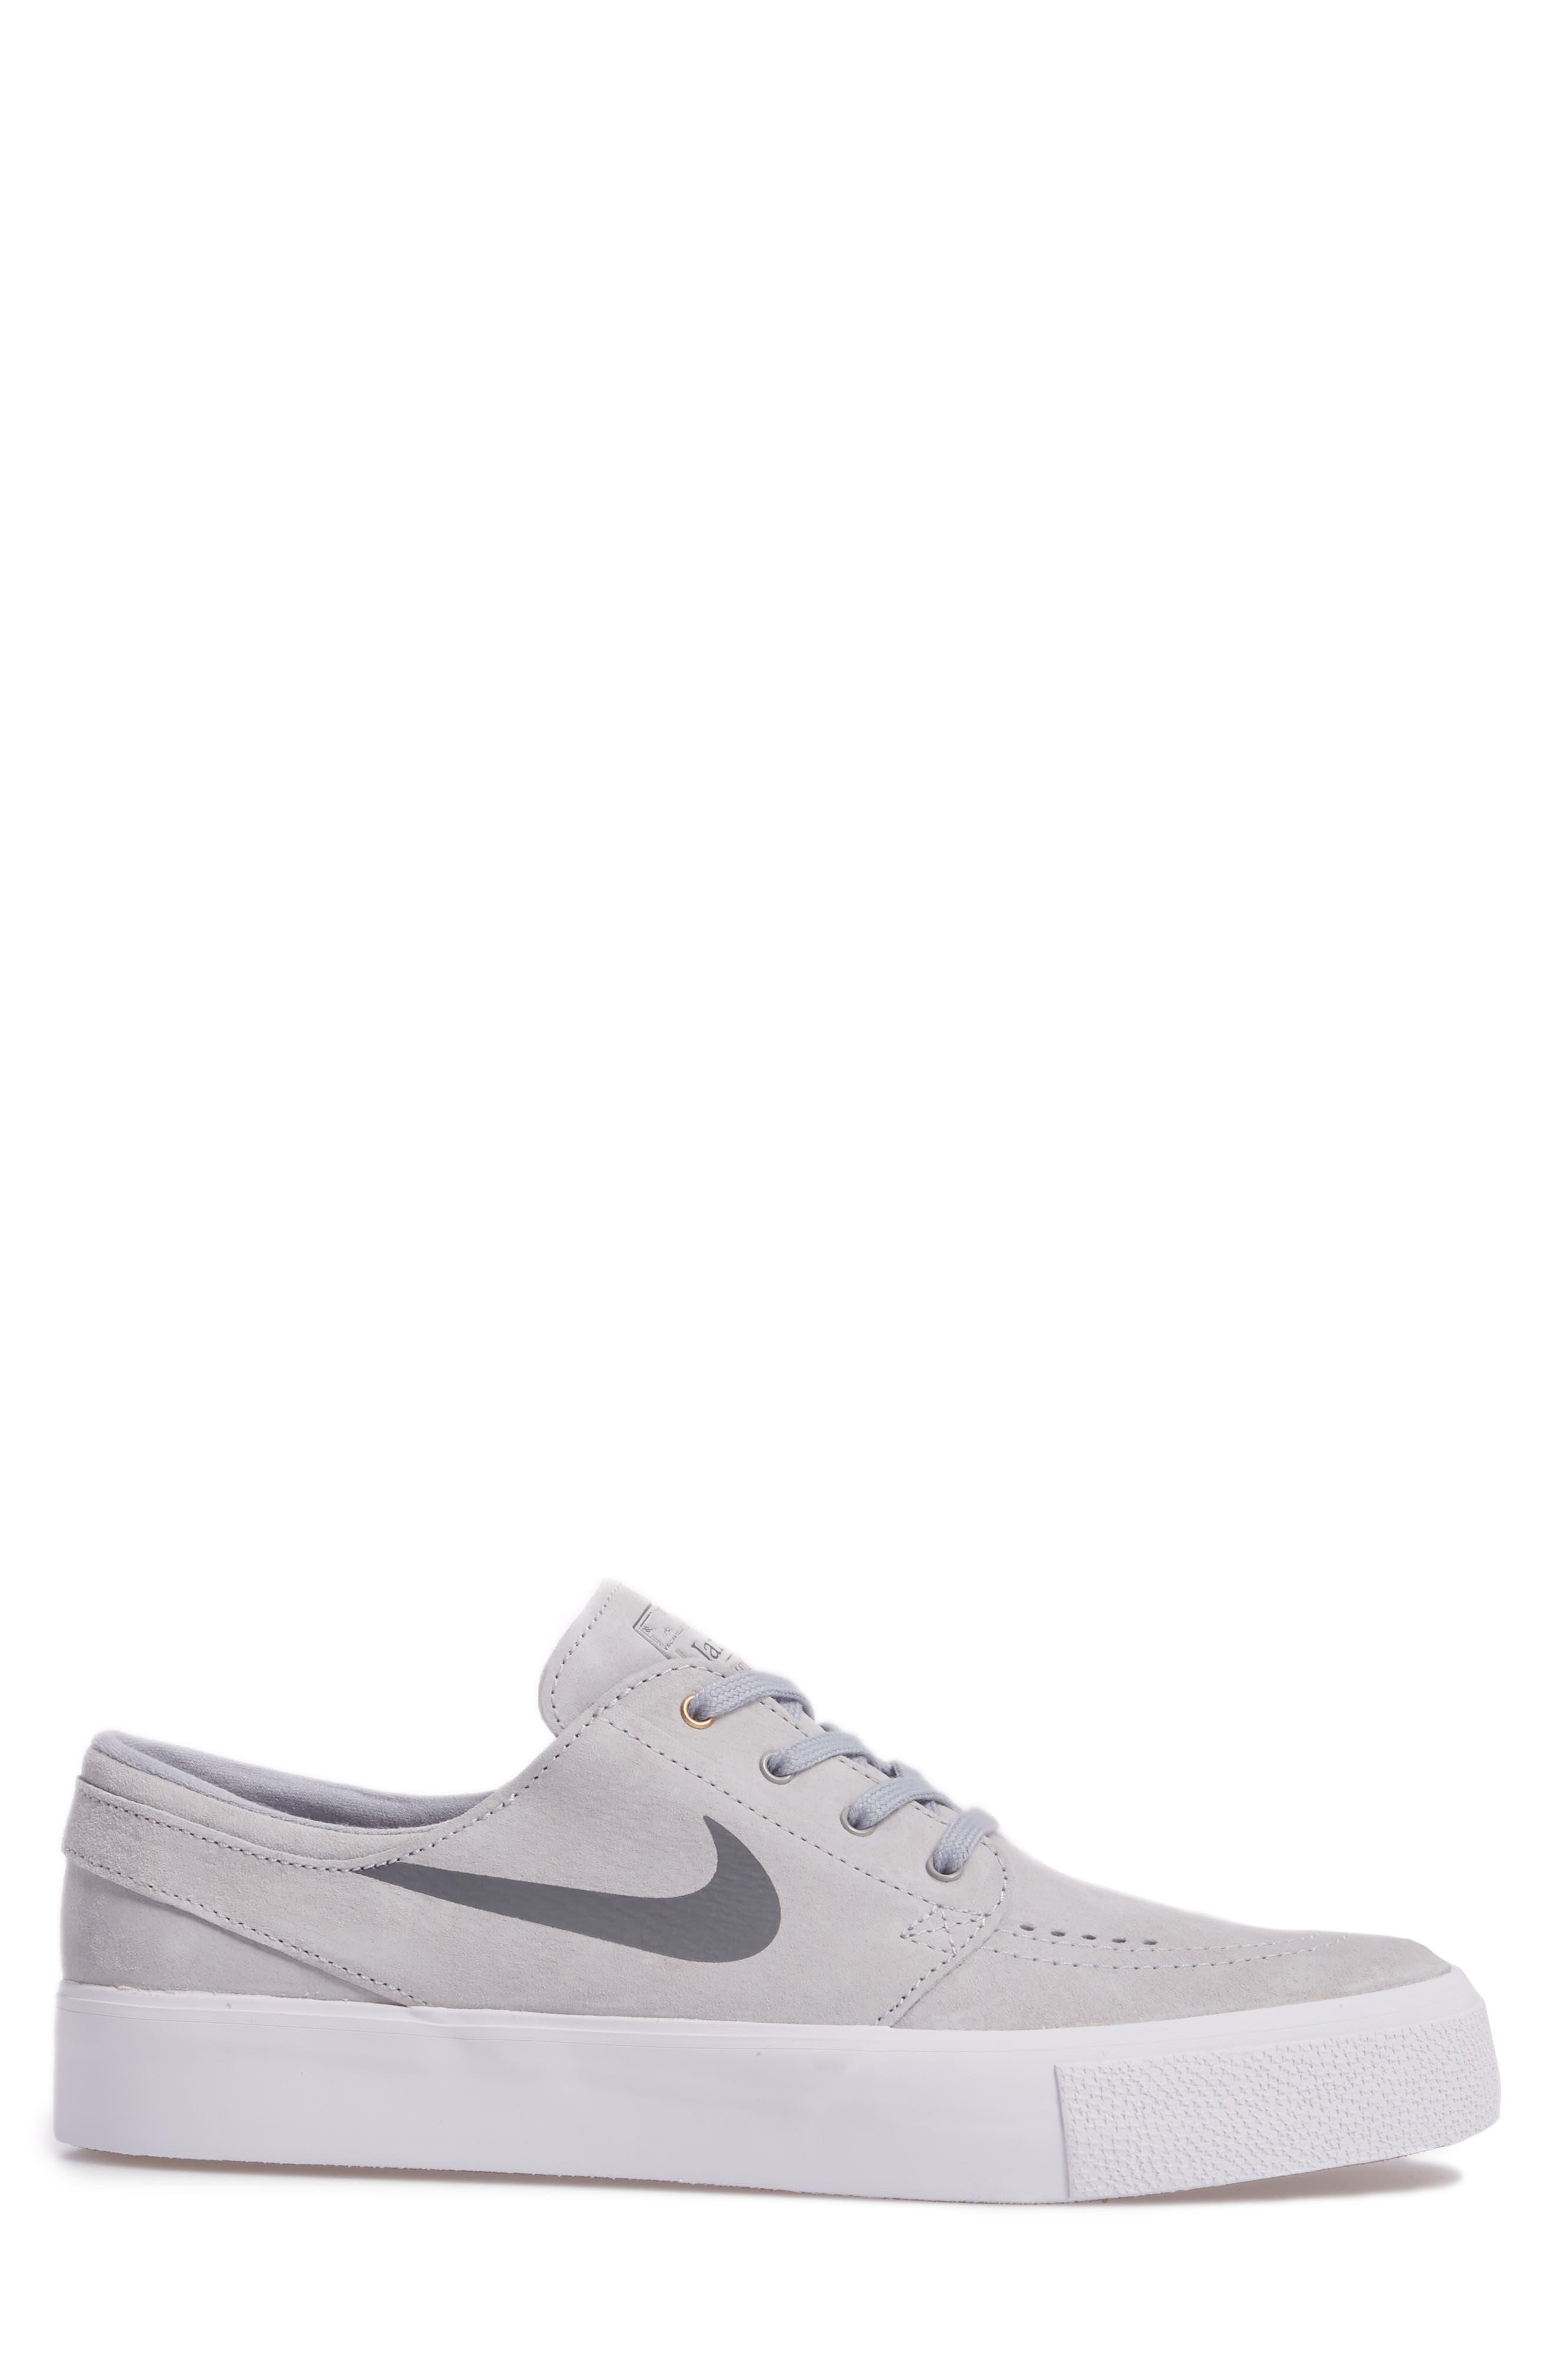 Alternate Image 3  - Nike Zoom Stefan Janoski Premium Skate Sneaker (Men)